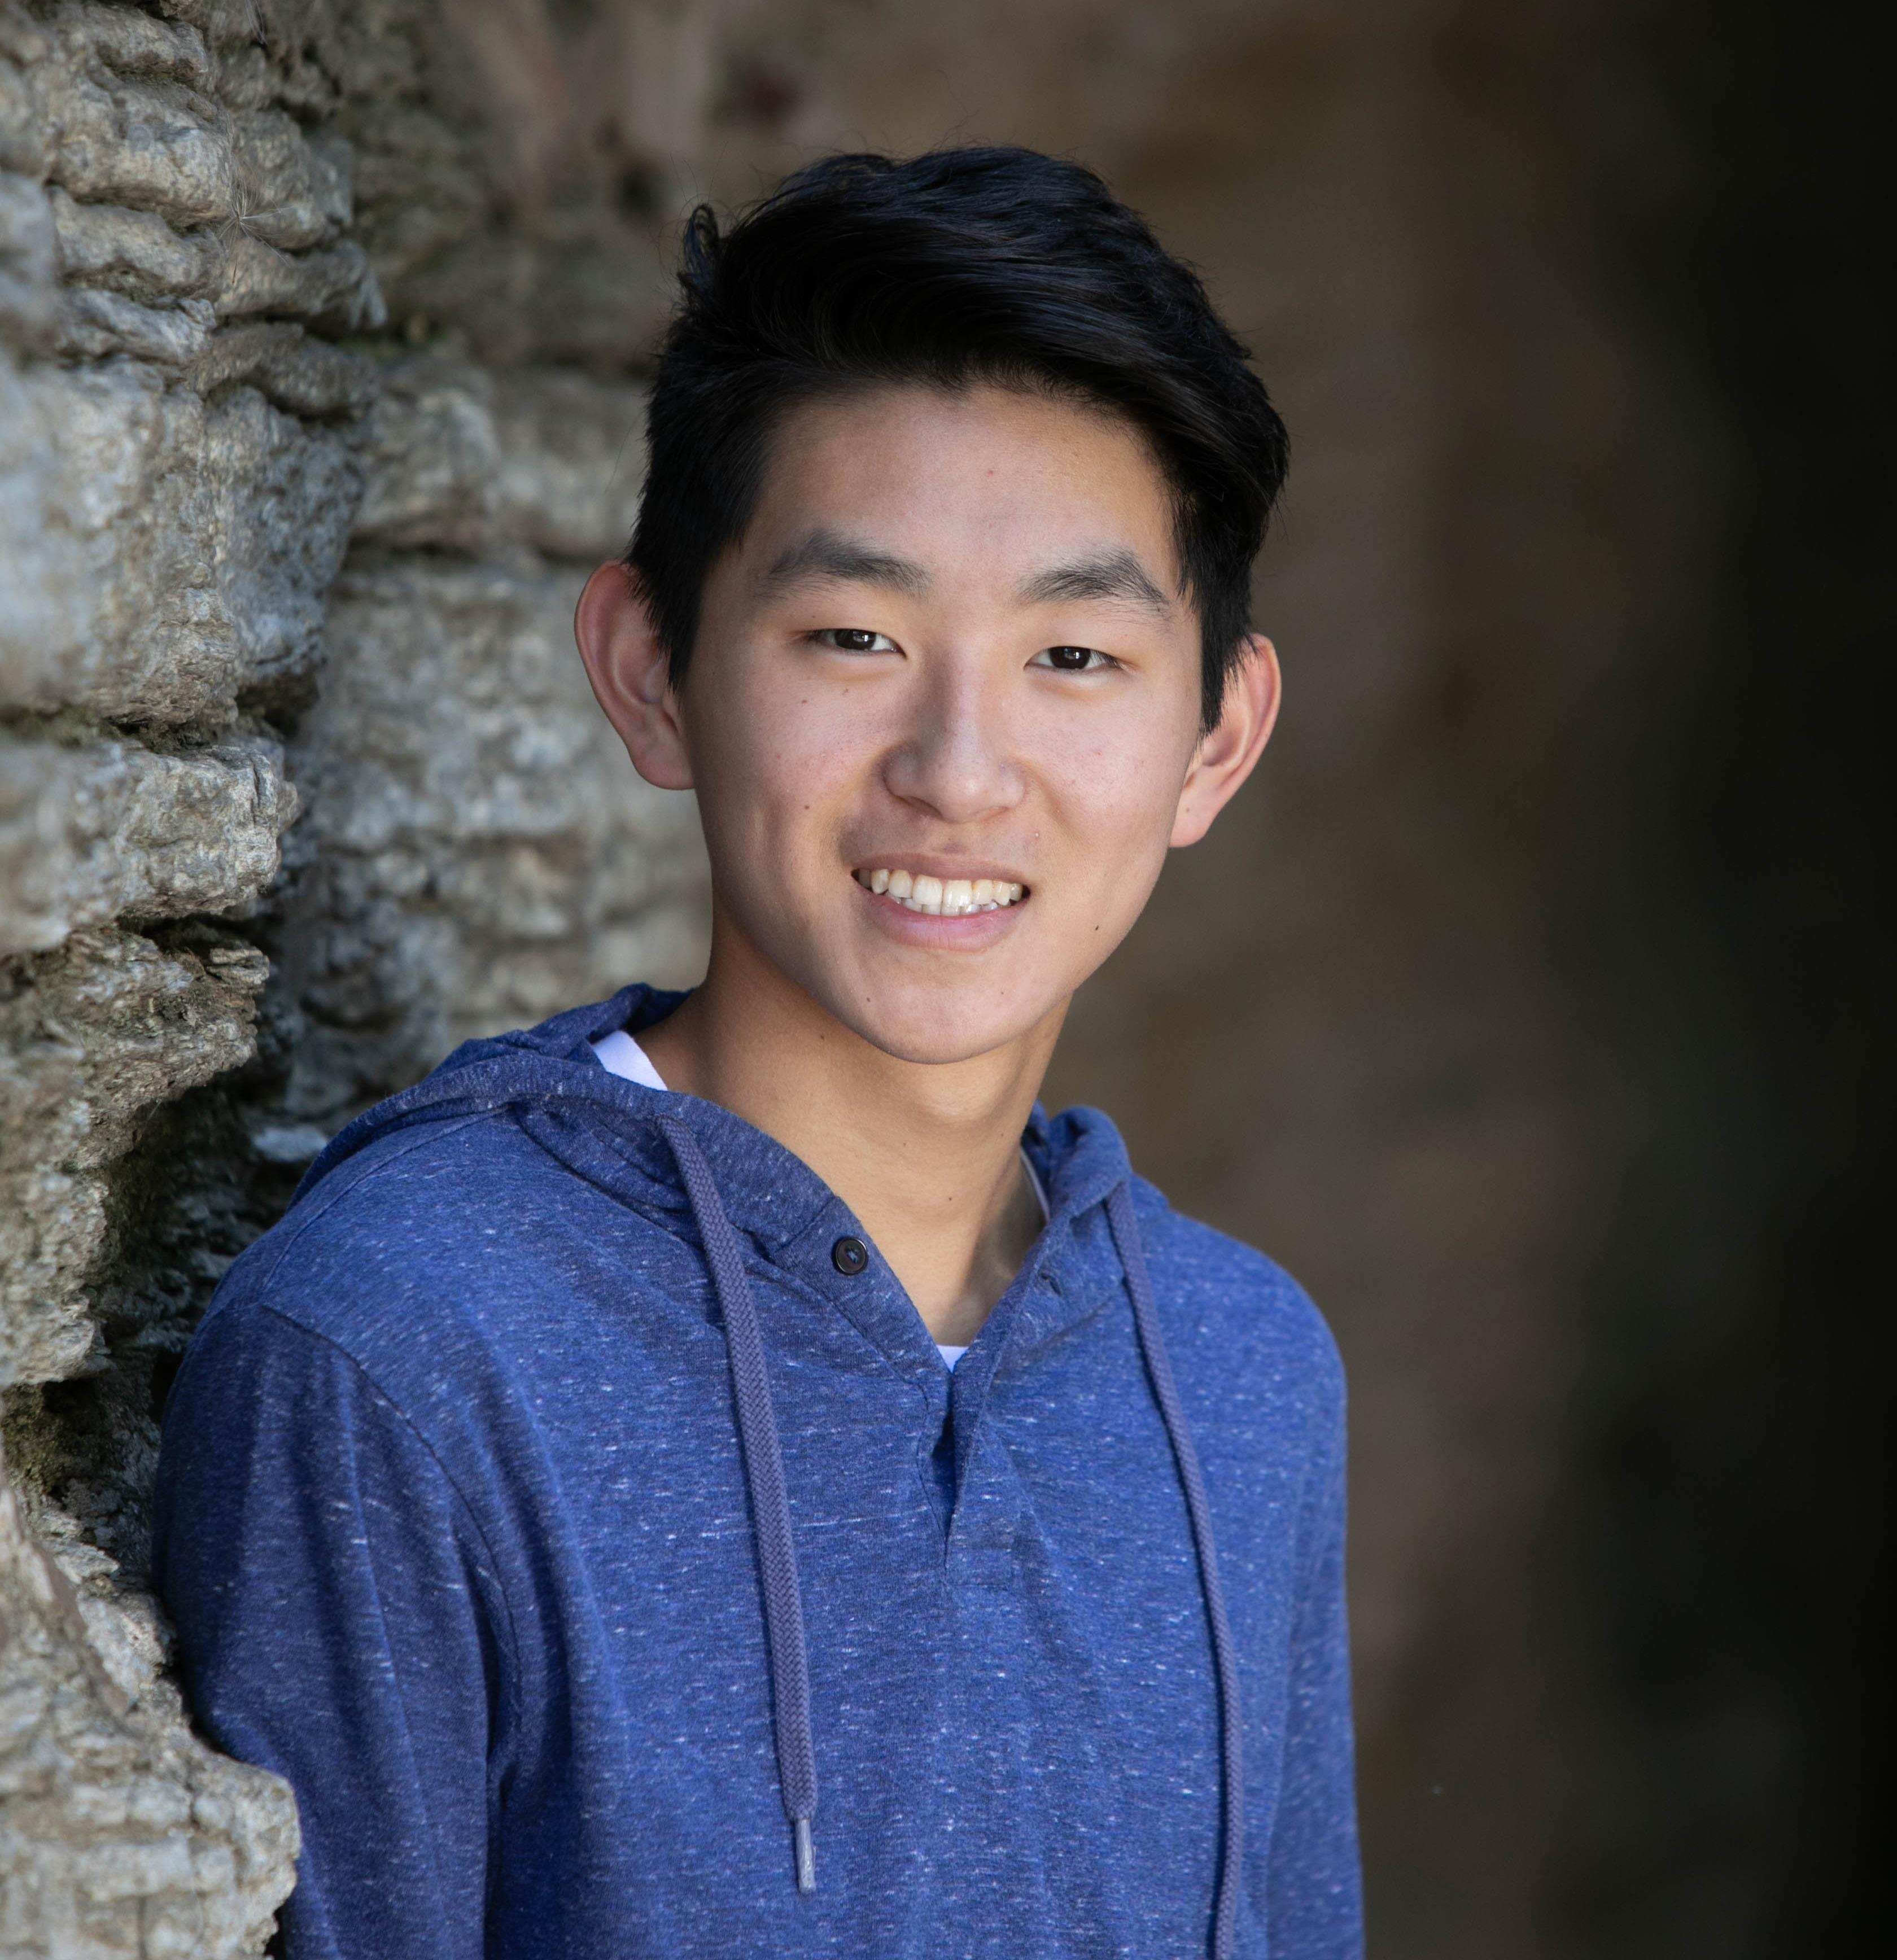 Ryan Jeo